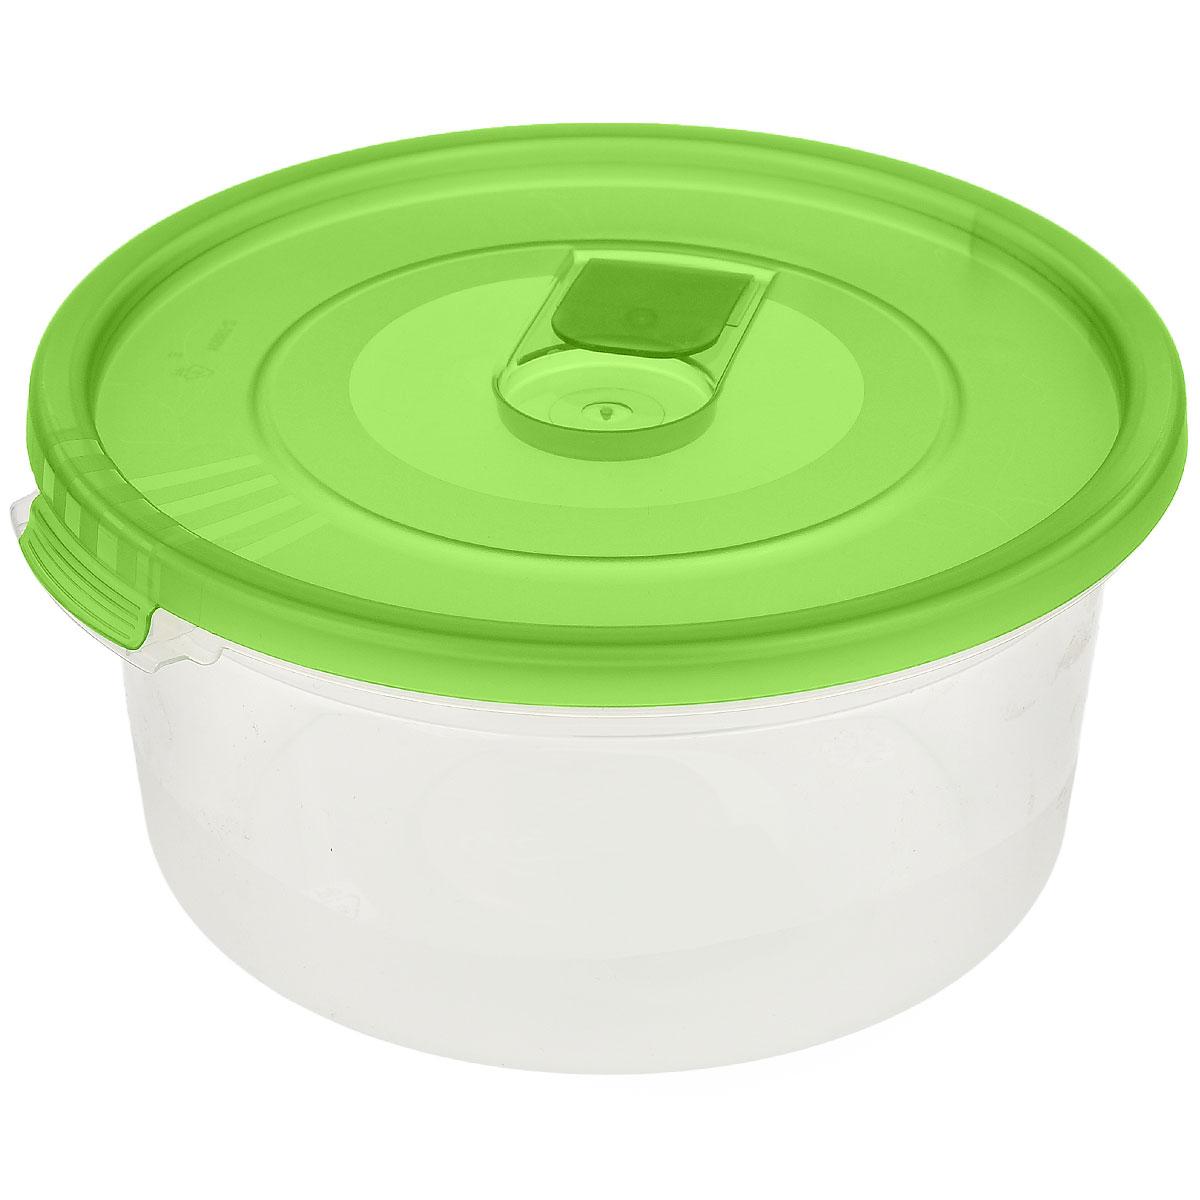 Контейнер Полимербыт Смайл, цвет: прозрачный, зеленый, 800 млС521_зеленыйКонтейнер Полимербыт Смайл круглой формы, изготовленный из прочного пластика, специально предназначен для хранения пищевых продуктов. Контейнер оснащен герметичной крышкой со специальным клапаном, благодаря которому внутри создается вакуум и продукты дольше сохраняют свежесть и аромат. Крышка легко открывается и плотно закрывается. Стенки контейнера прозрачные - хорошо видно, что внутри. Контейнер устойчив к воздействию масел и жиров, легко моется. Контейнер имеет возможность хранения продуктов глубокой заморозки, обладает высокой прочностью. Можно мыть в посудомоечной машине. Подходит для использования в микроволновых печах. Диаметр: 15 см. Высота (без крышки): 7 см.